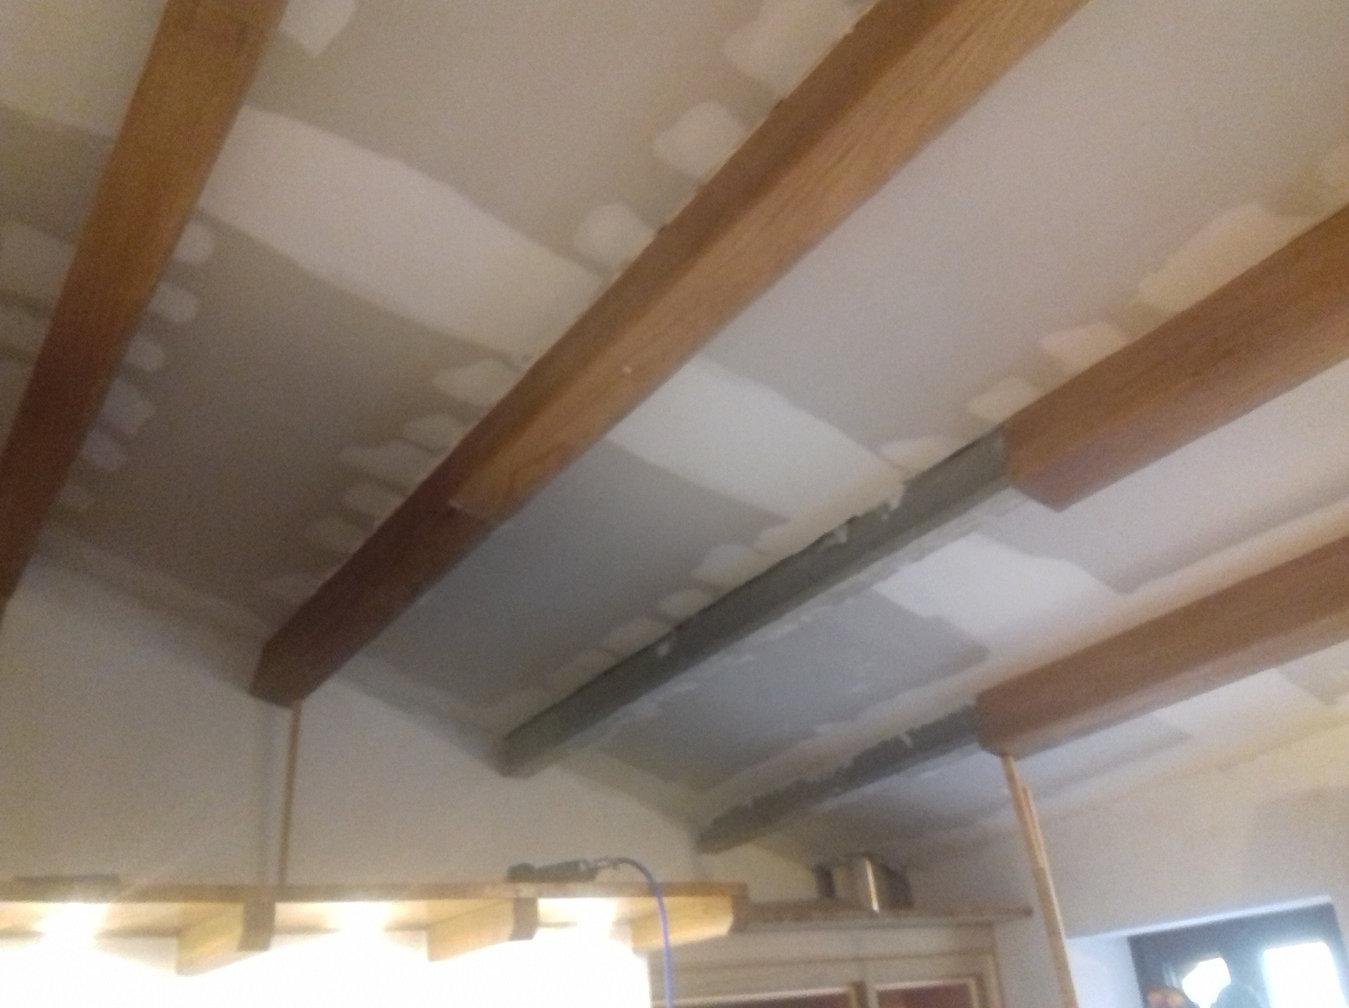 Vigas huecas madera vigas decorativas para revestir techos - Vigas falsas de madera ...